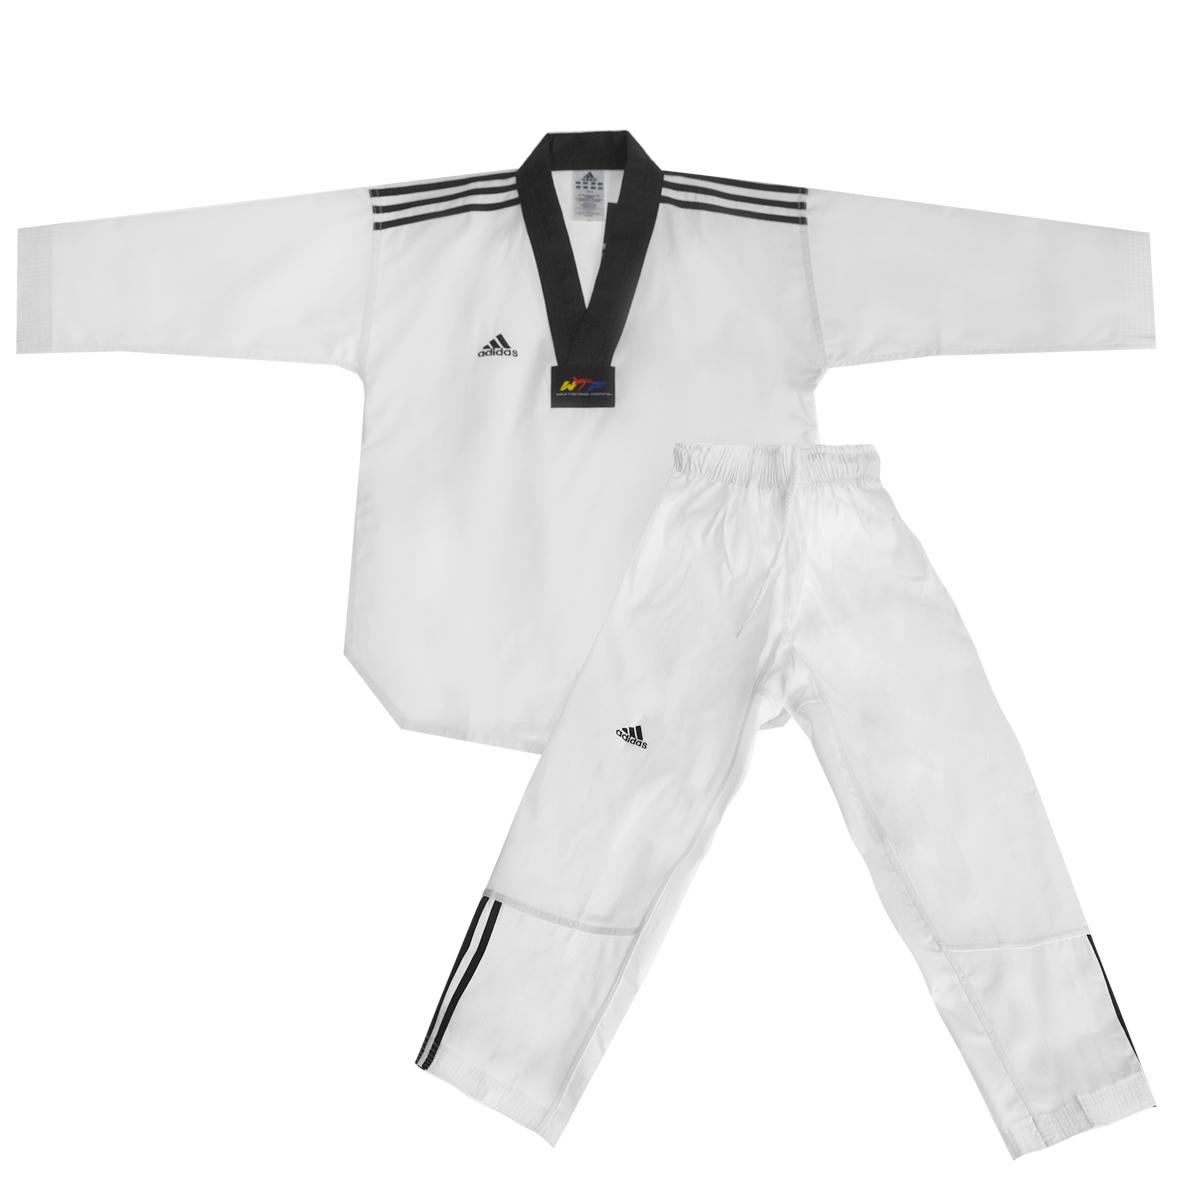 Кимоно для тхэквондо adidas WTF Adi-Club 3, цвет: белый, черный. adiTCB02-WH/BK. Размер 160adiTCB02-WH/BKКимоно для тхэквондо adidas WTF Adi-Club 3 состоит из рубашки и брюк. Просторная рубашка без пояса с V-образным вырезом горловин, боковыми разрезами и длинными рукавами изготовлена из плотного полиэстера с добавлением хлопка. Боковые швы, края рукавов и полочка укреплены дополнительными строчками. В области талии по спинке рубашка дополнена эластичной резинкой для регулирования ширины.Просторные брюки особого покроя имеют широкий эластичный пояс, регулируемый скрытым шнурком. Низ брючин с внутренней стороны укреплен дополнительными строчками.Кимоно рекомендуется для тренировок в зале.